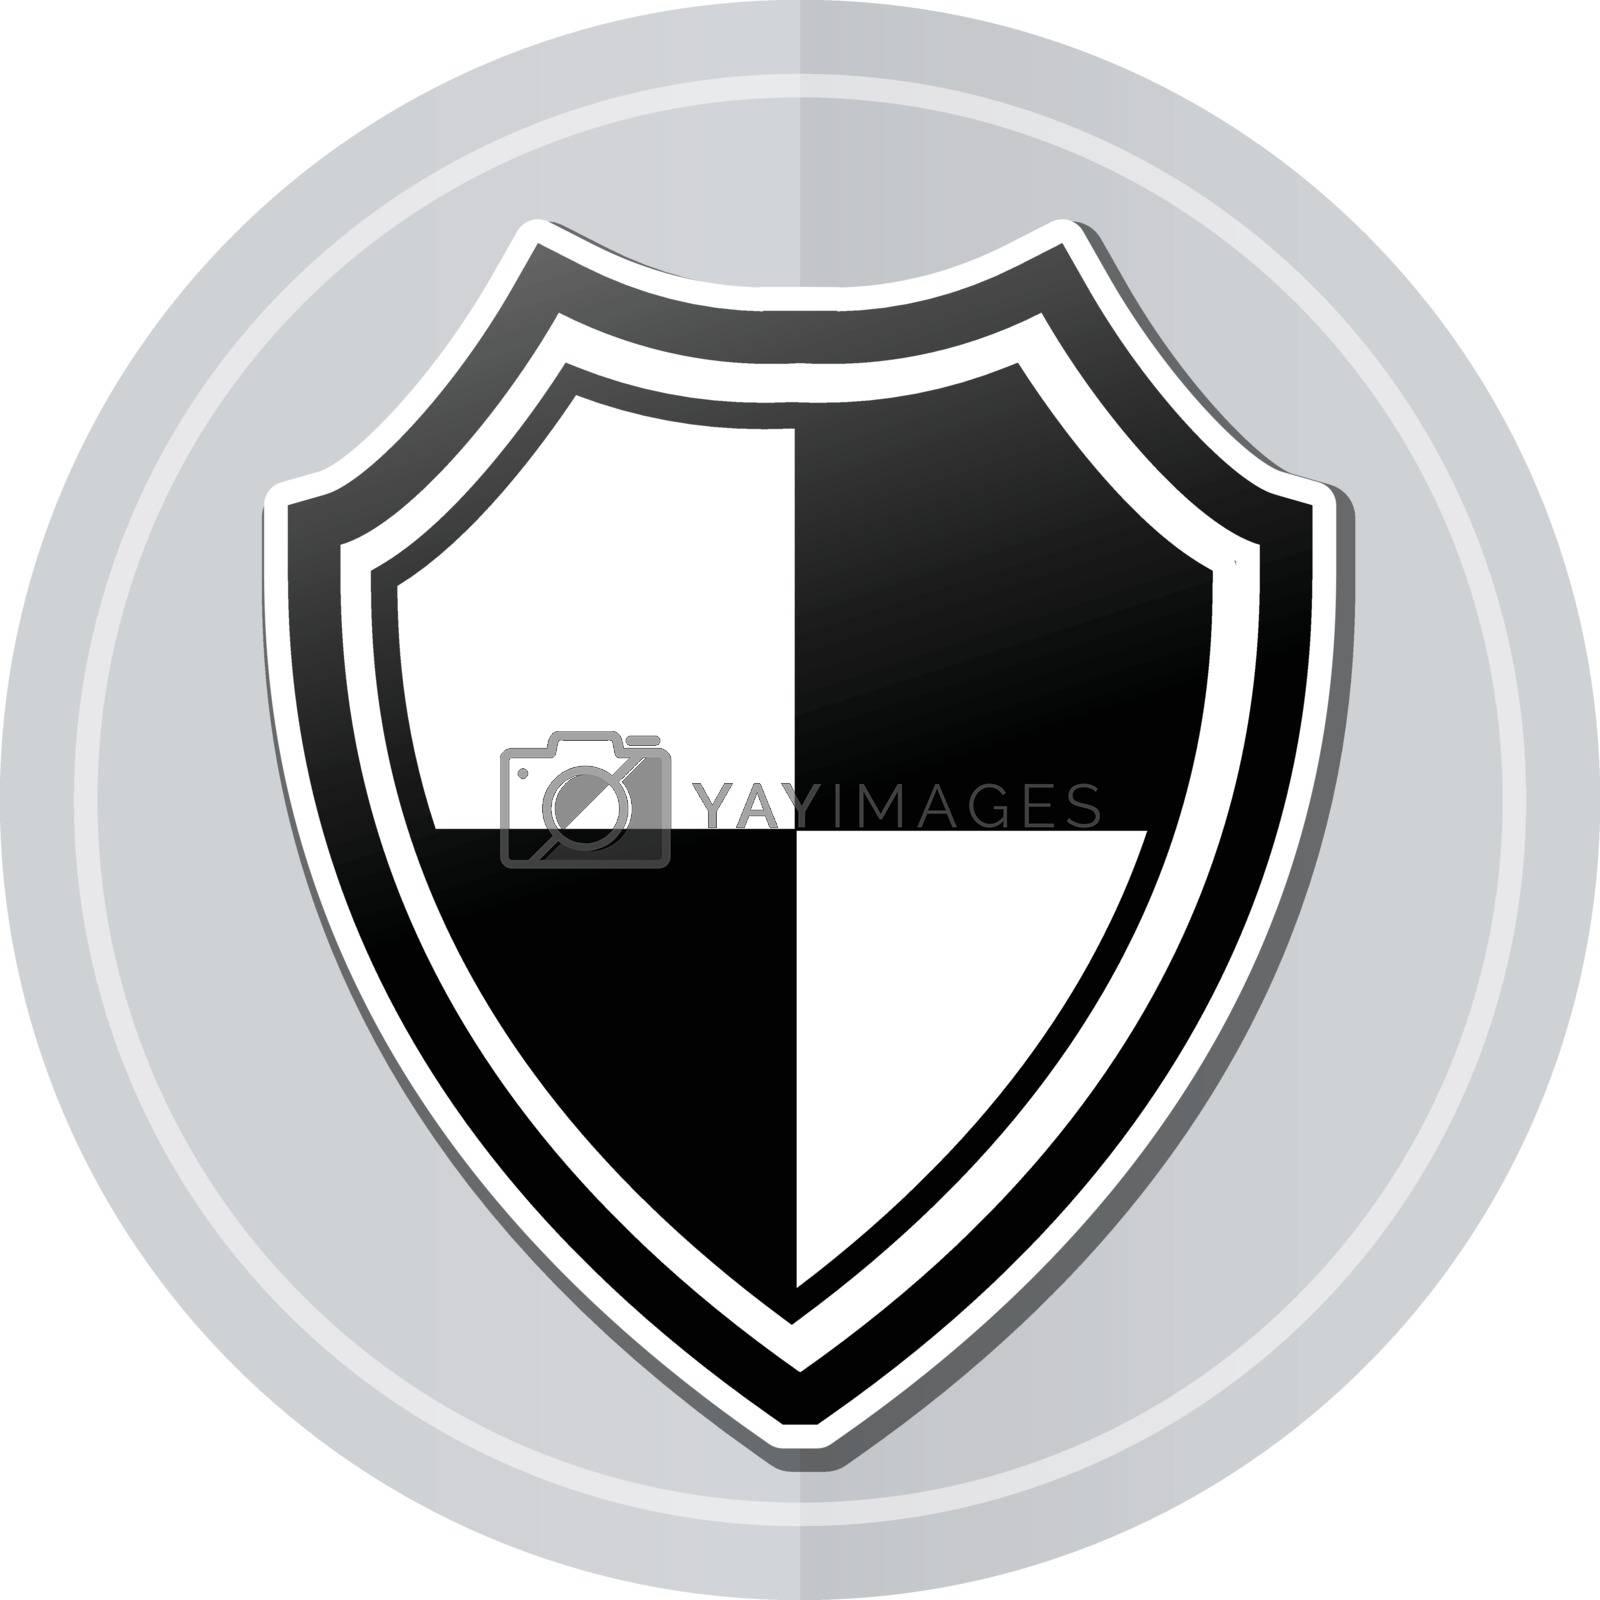 Illustration of shield sticker icon simple design